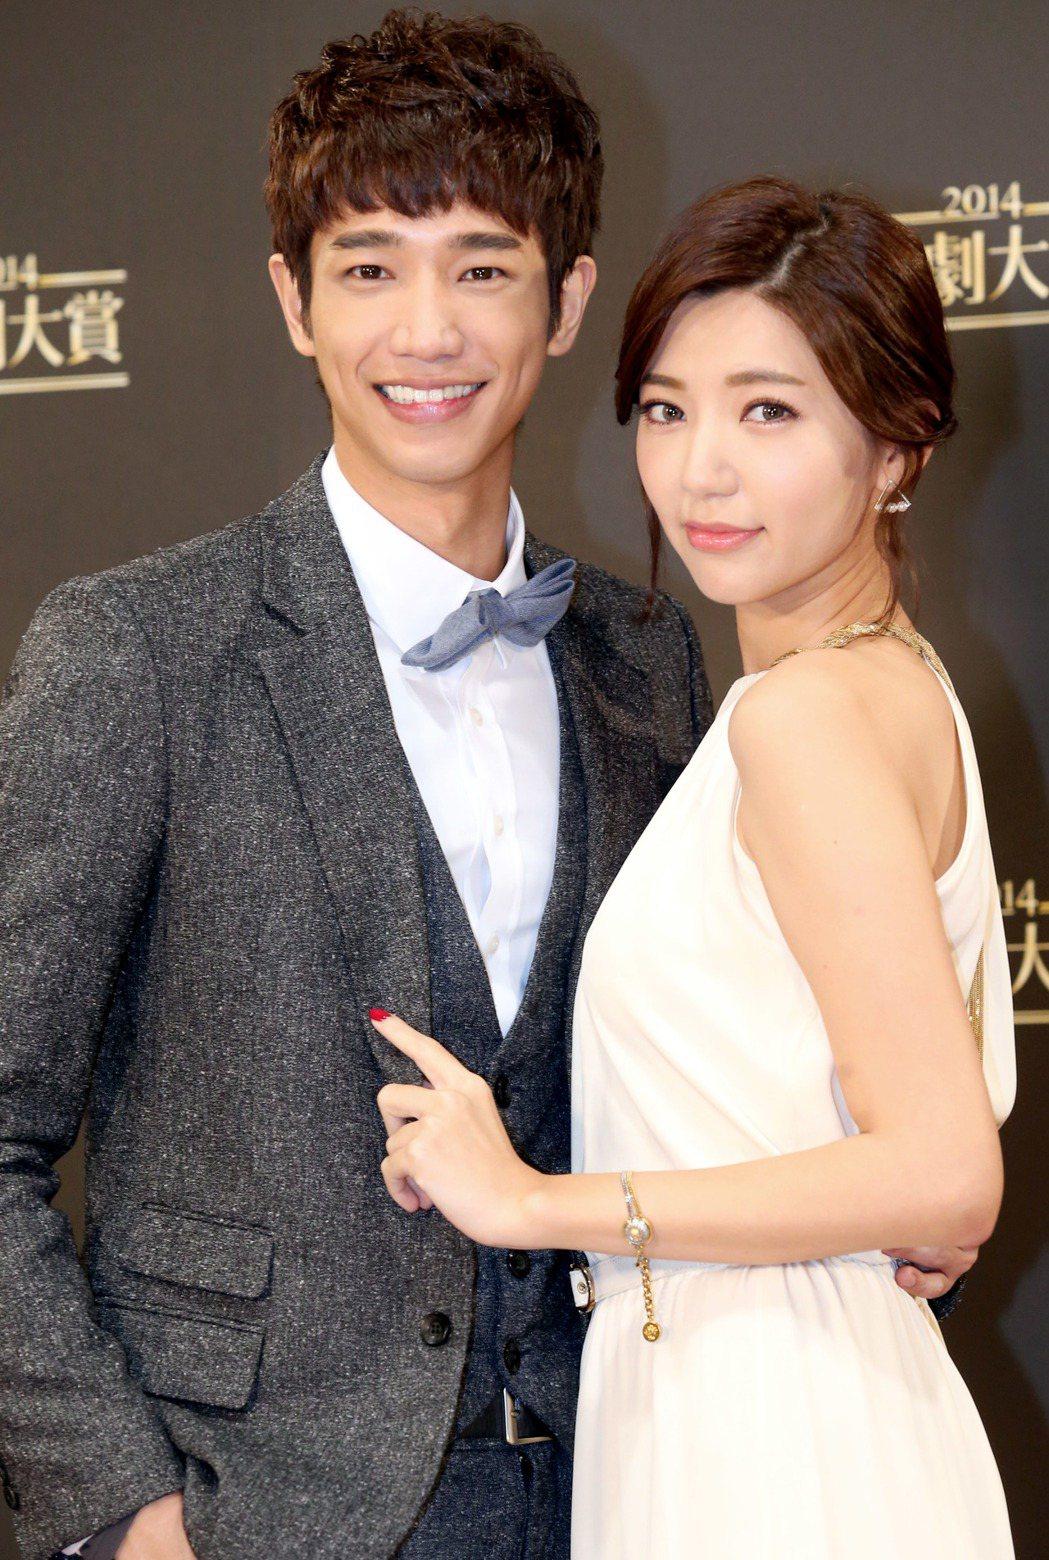 三立「2014華劇大賞」,劉以豪(左)與郭雪芙(右)獲得最佳接吻獎。圖/聯合報系...